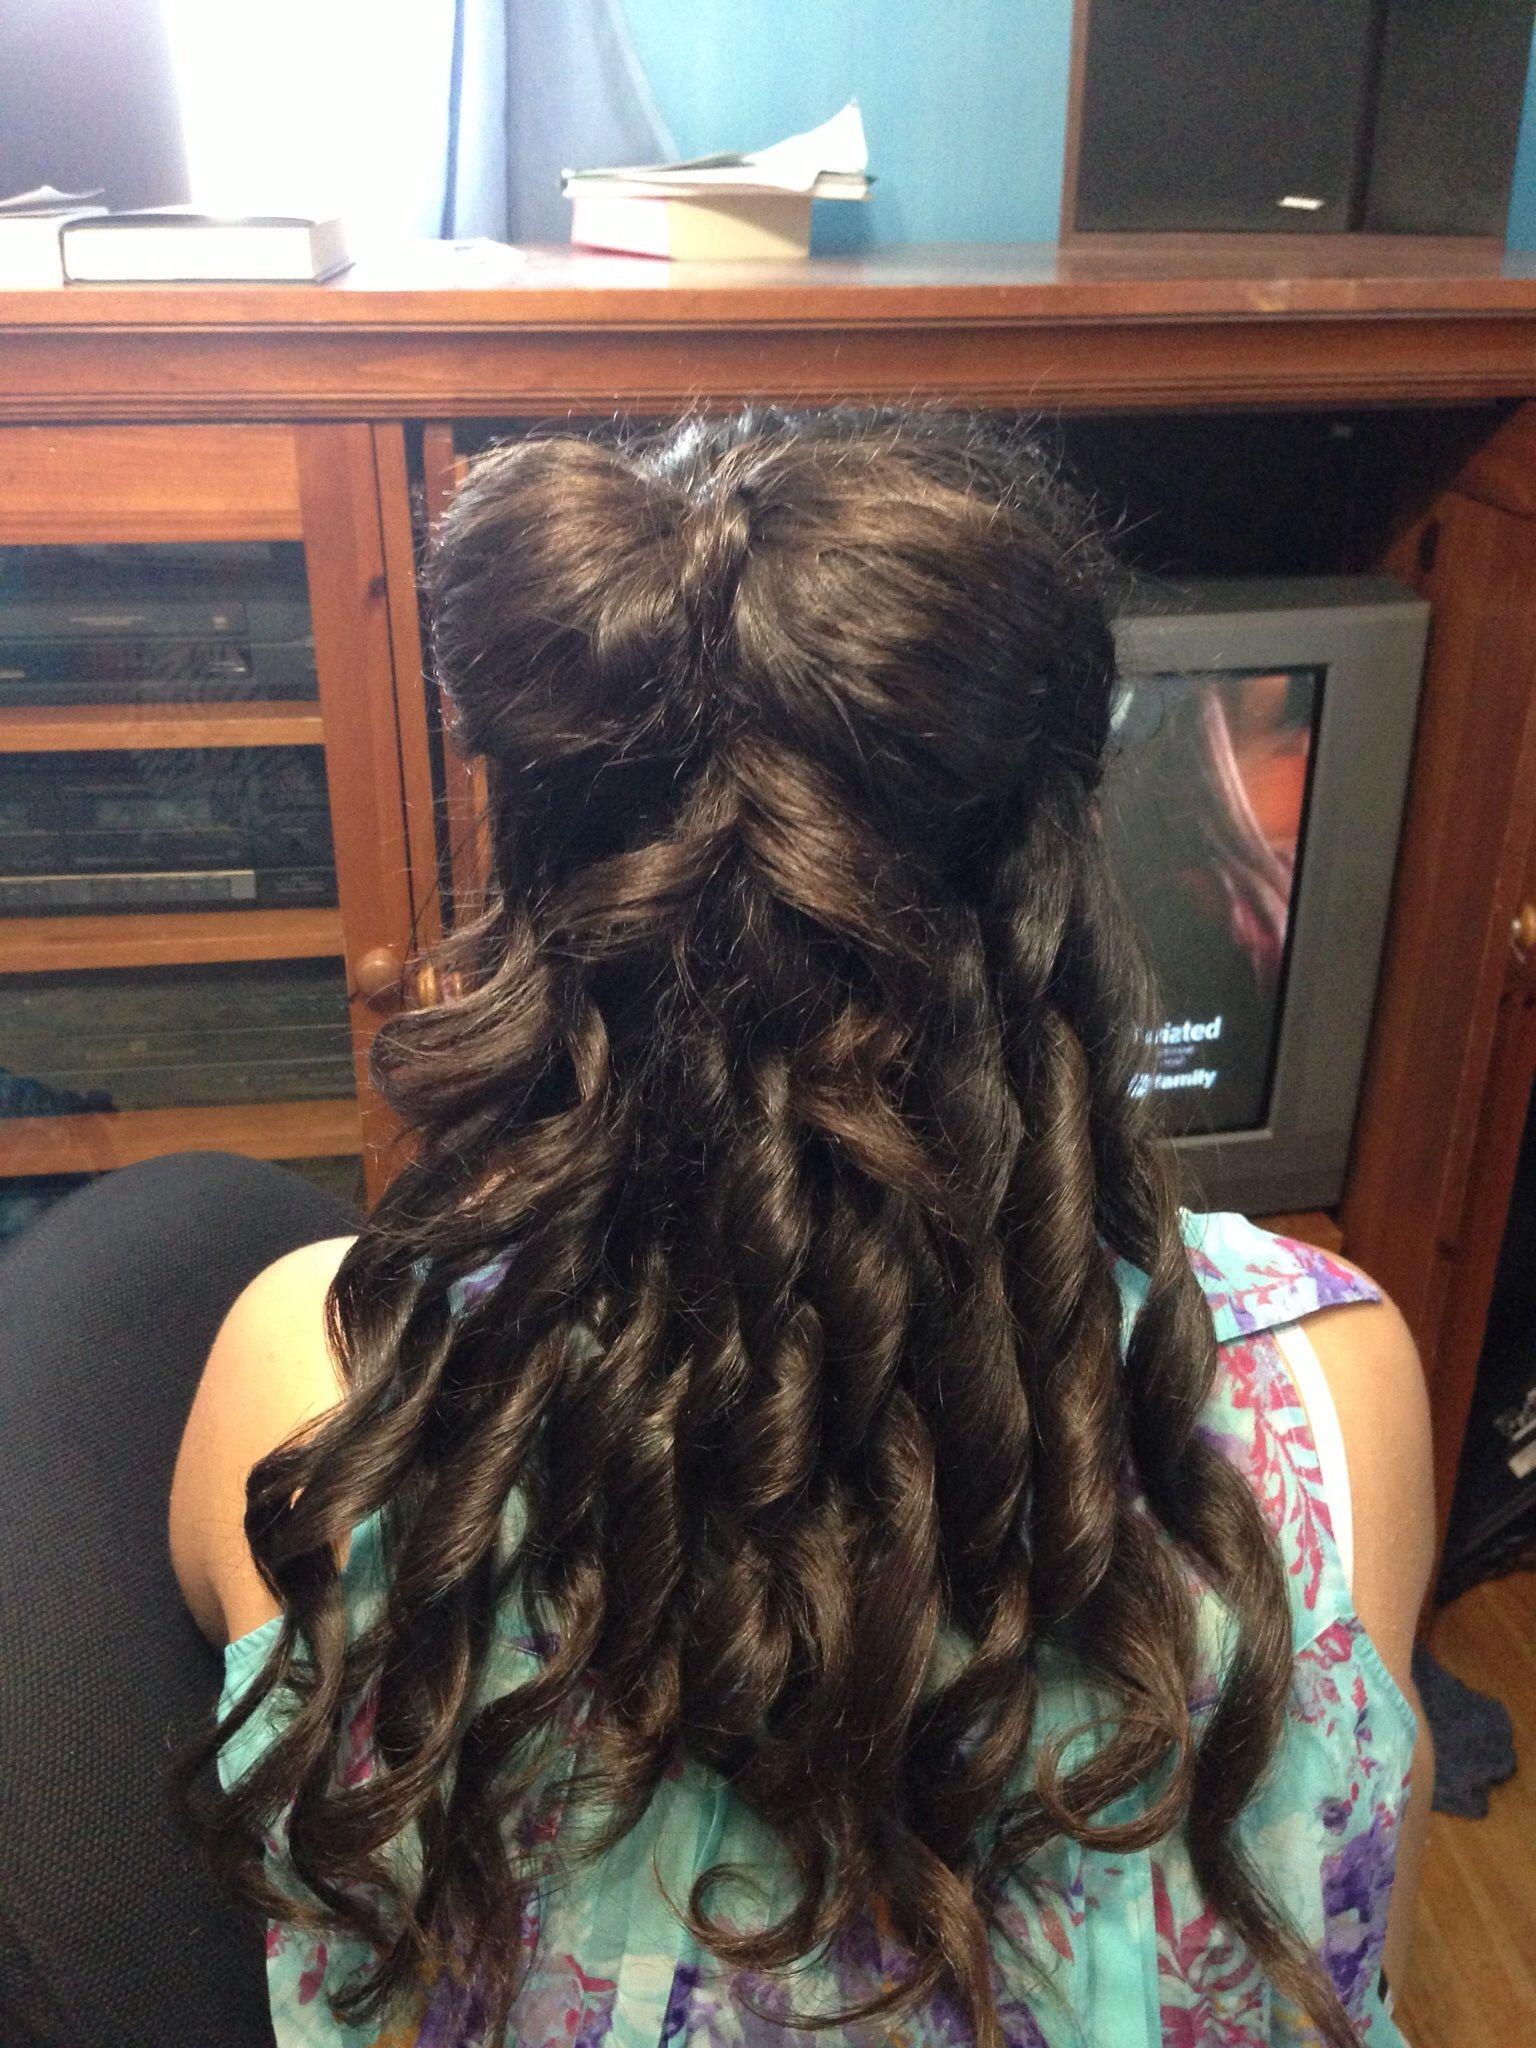 Cute hair bow updo!